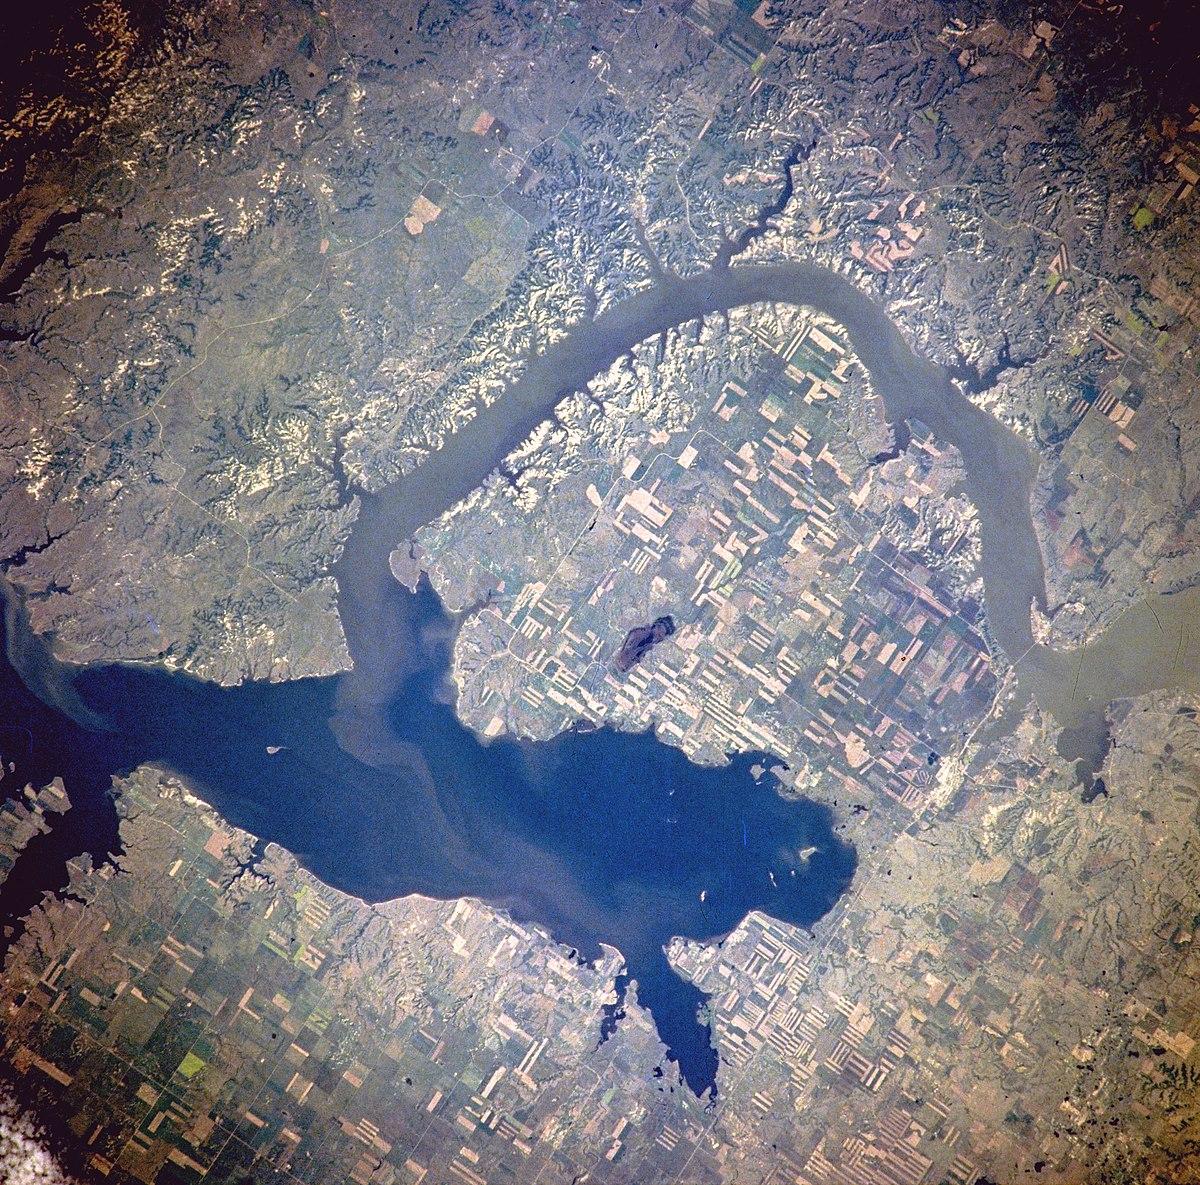 Lake sakakawea wikipedia for Lake sakakawea fishing